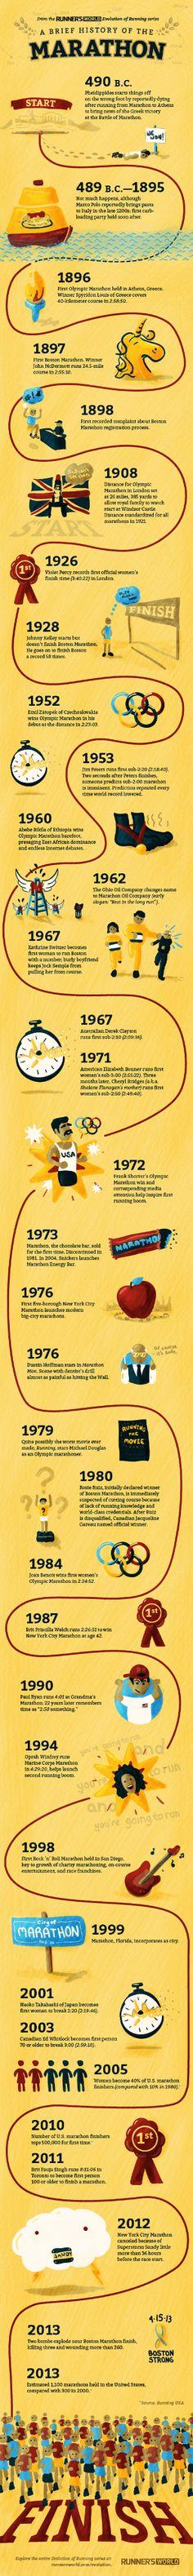 La historia de la Maratón (Infografía) - Palabra de Runner